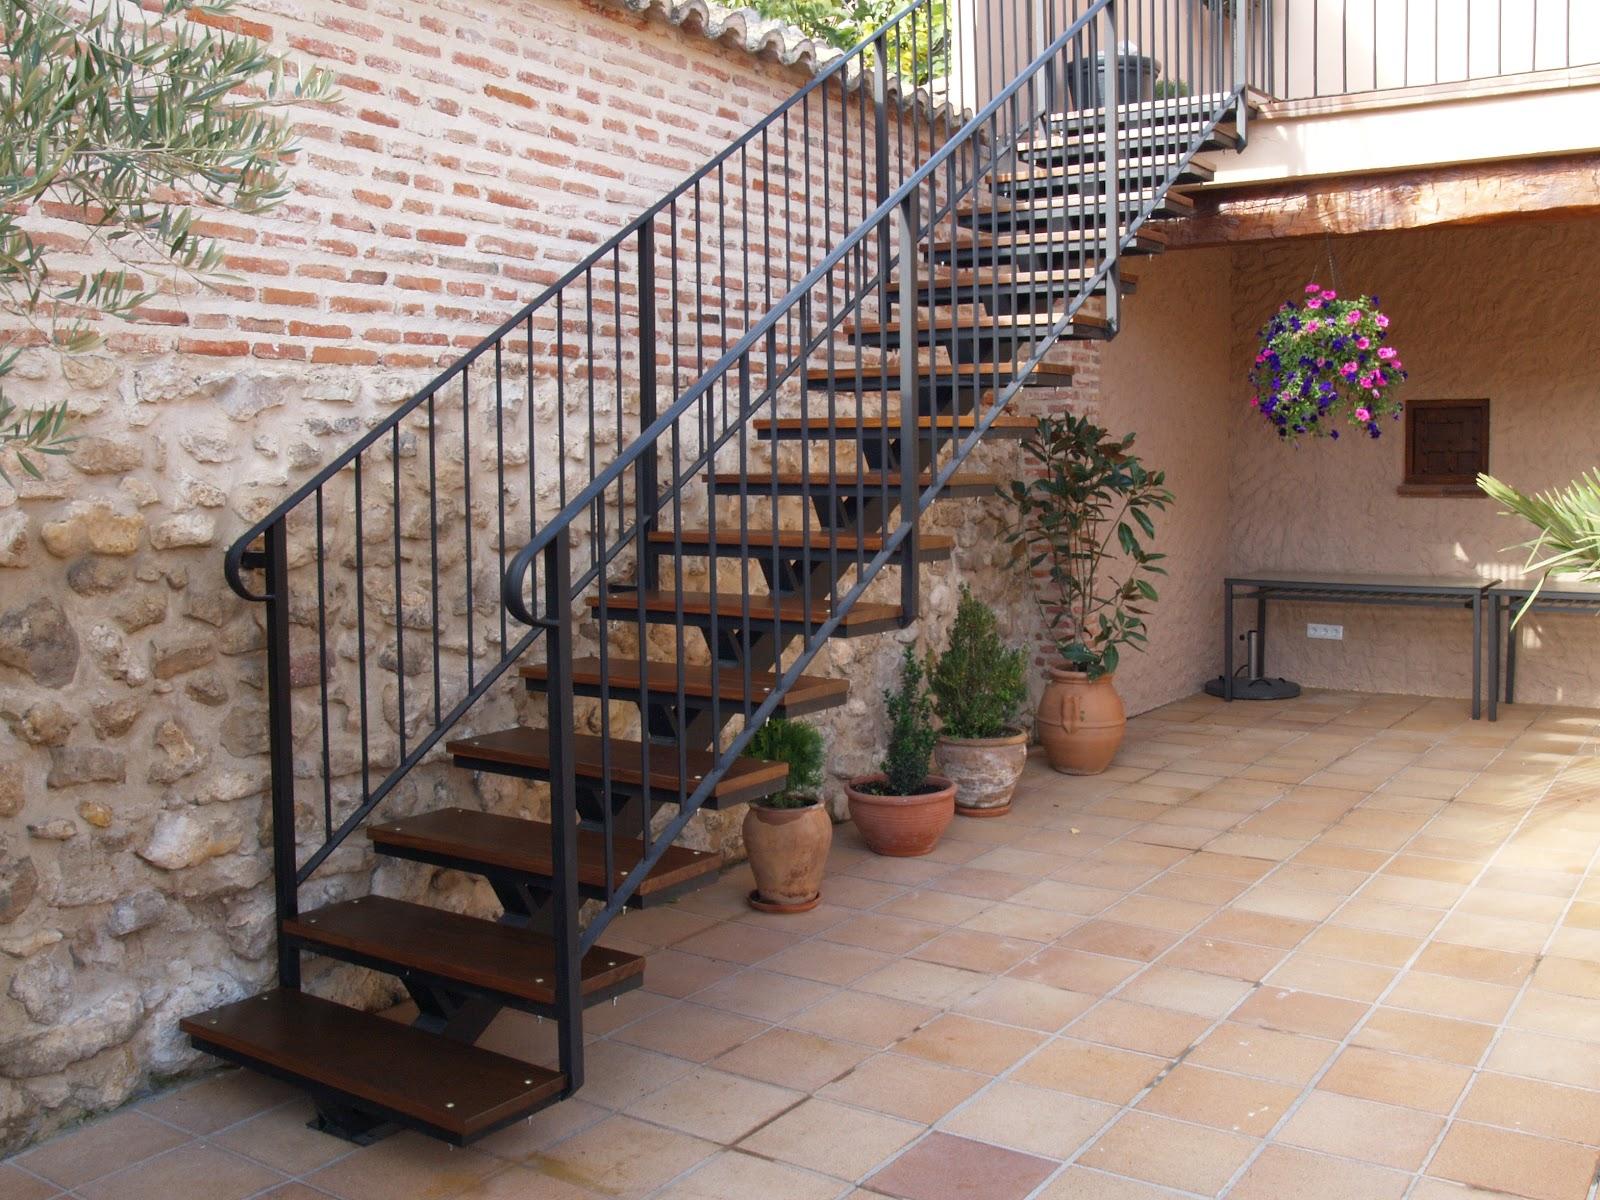 Escaleras de hierro y madera precios good escalera for Barandilla escalera exterior